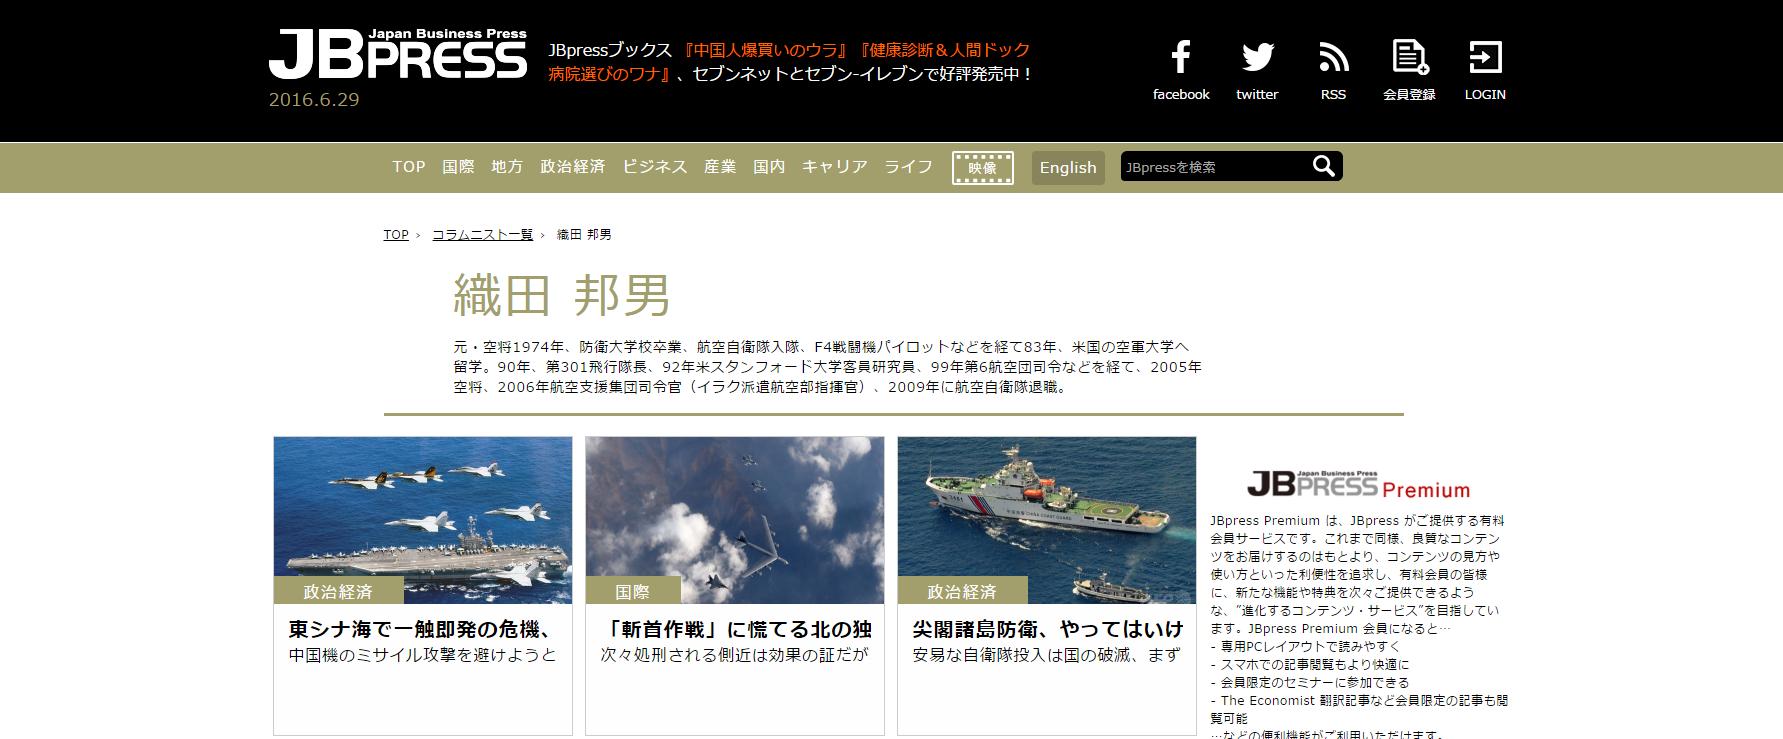 織田 邦男   記事一覧   JBpress 日本ビジネスプレス